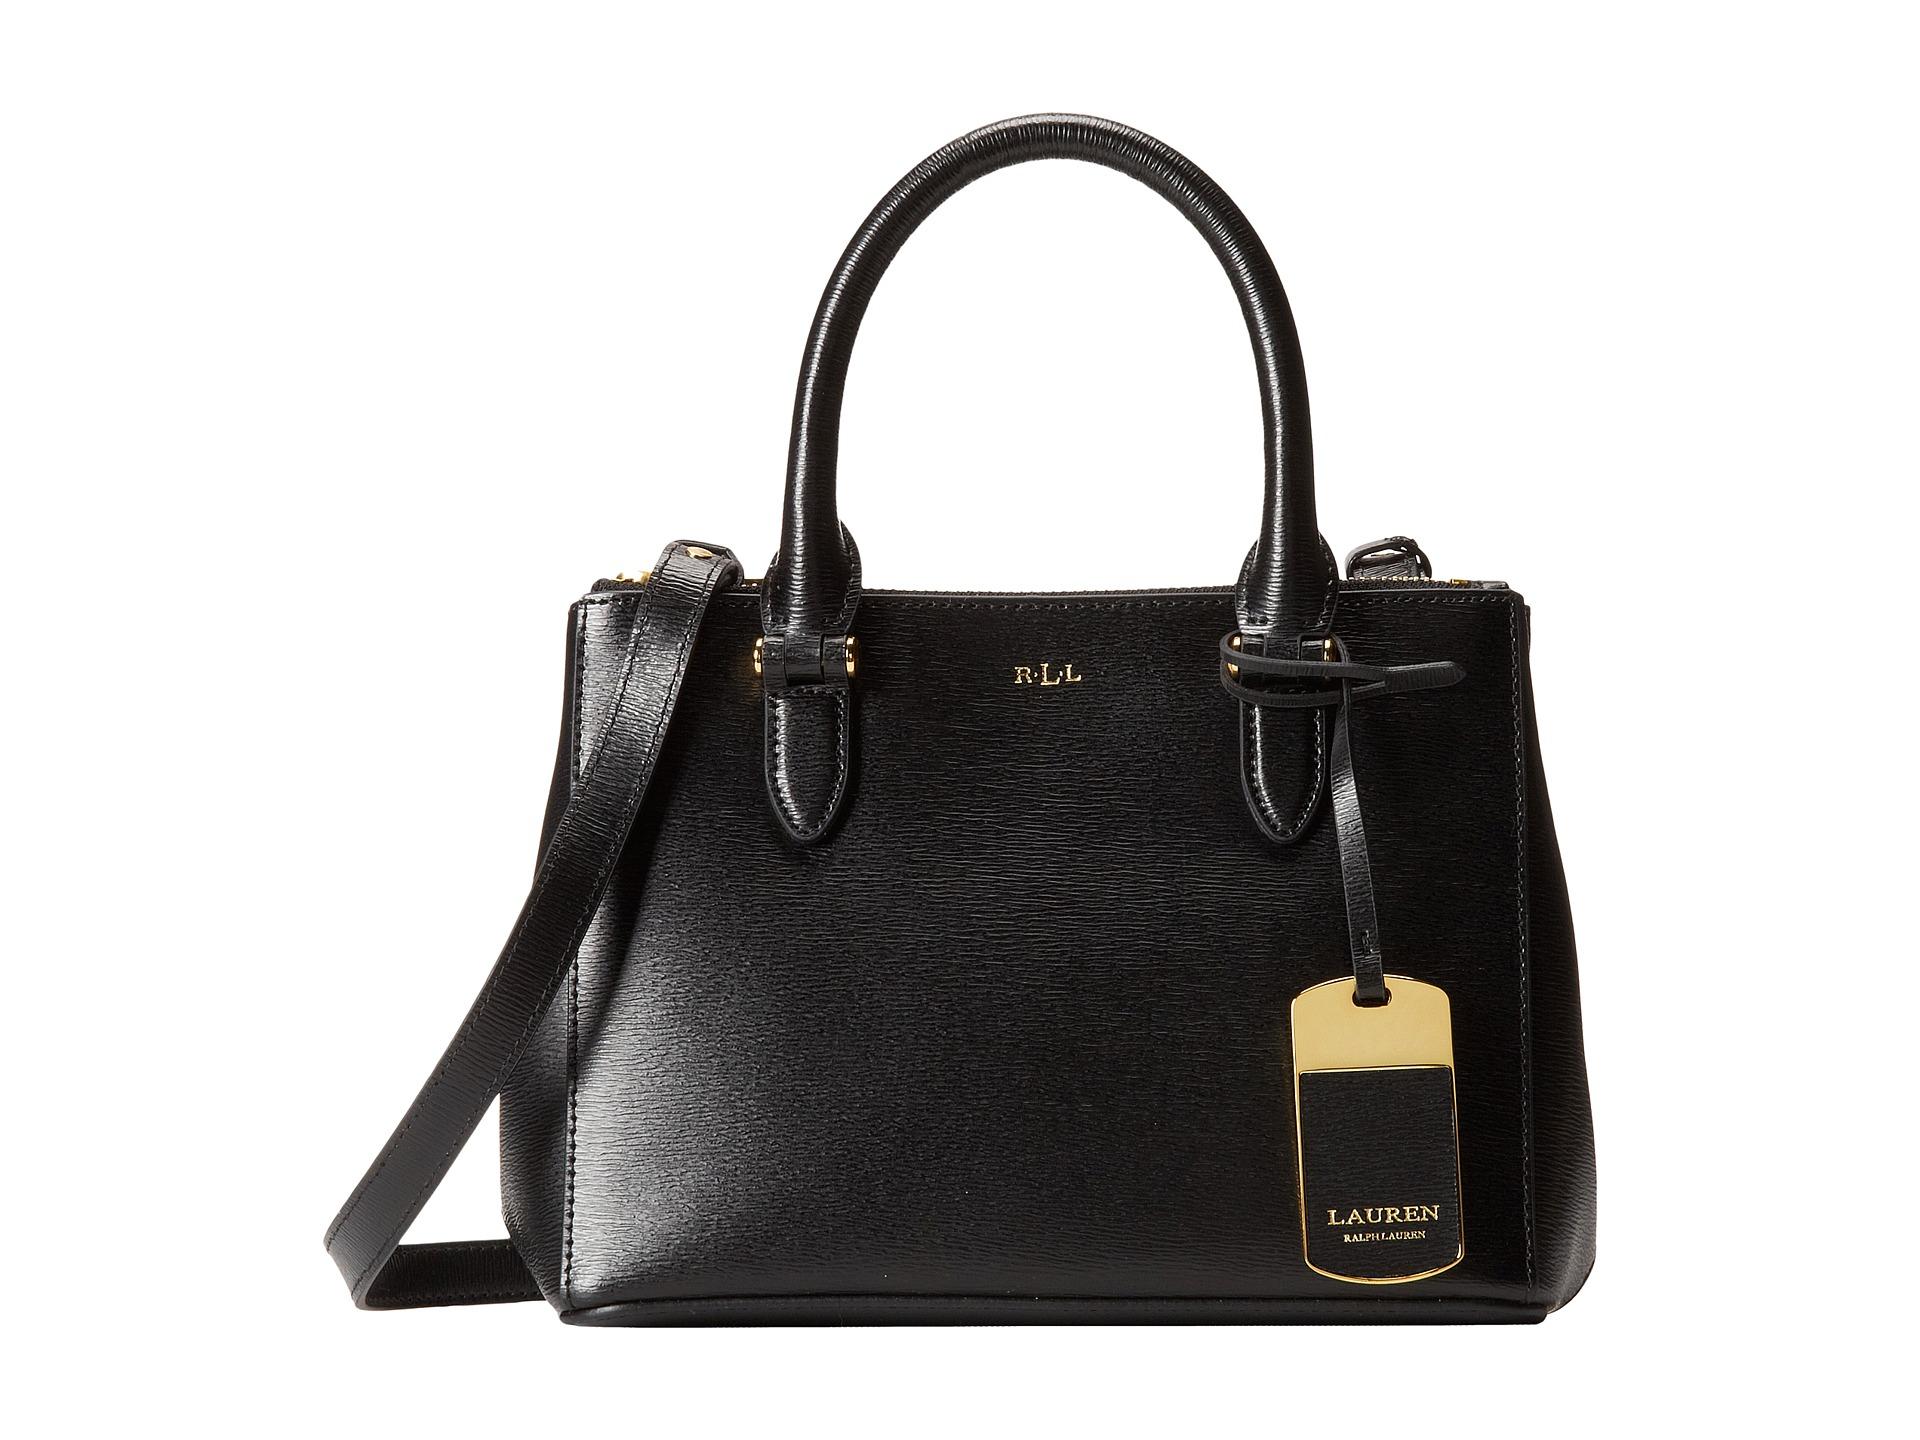 ffde734d8cd Lyst - Lauren by Ralph Lauren Newbury Mini Double Zip Satchel in Black